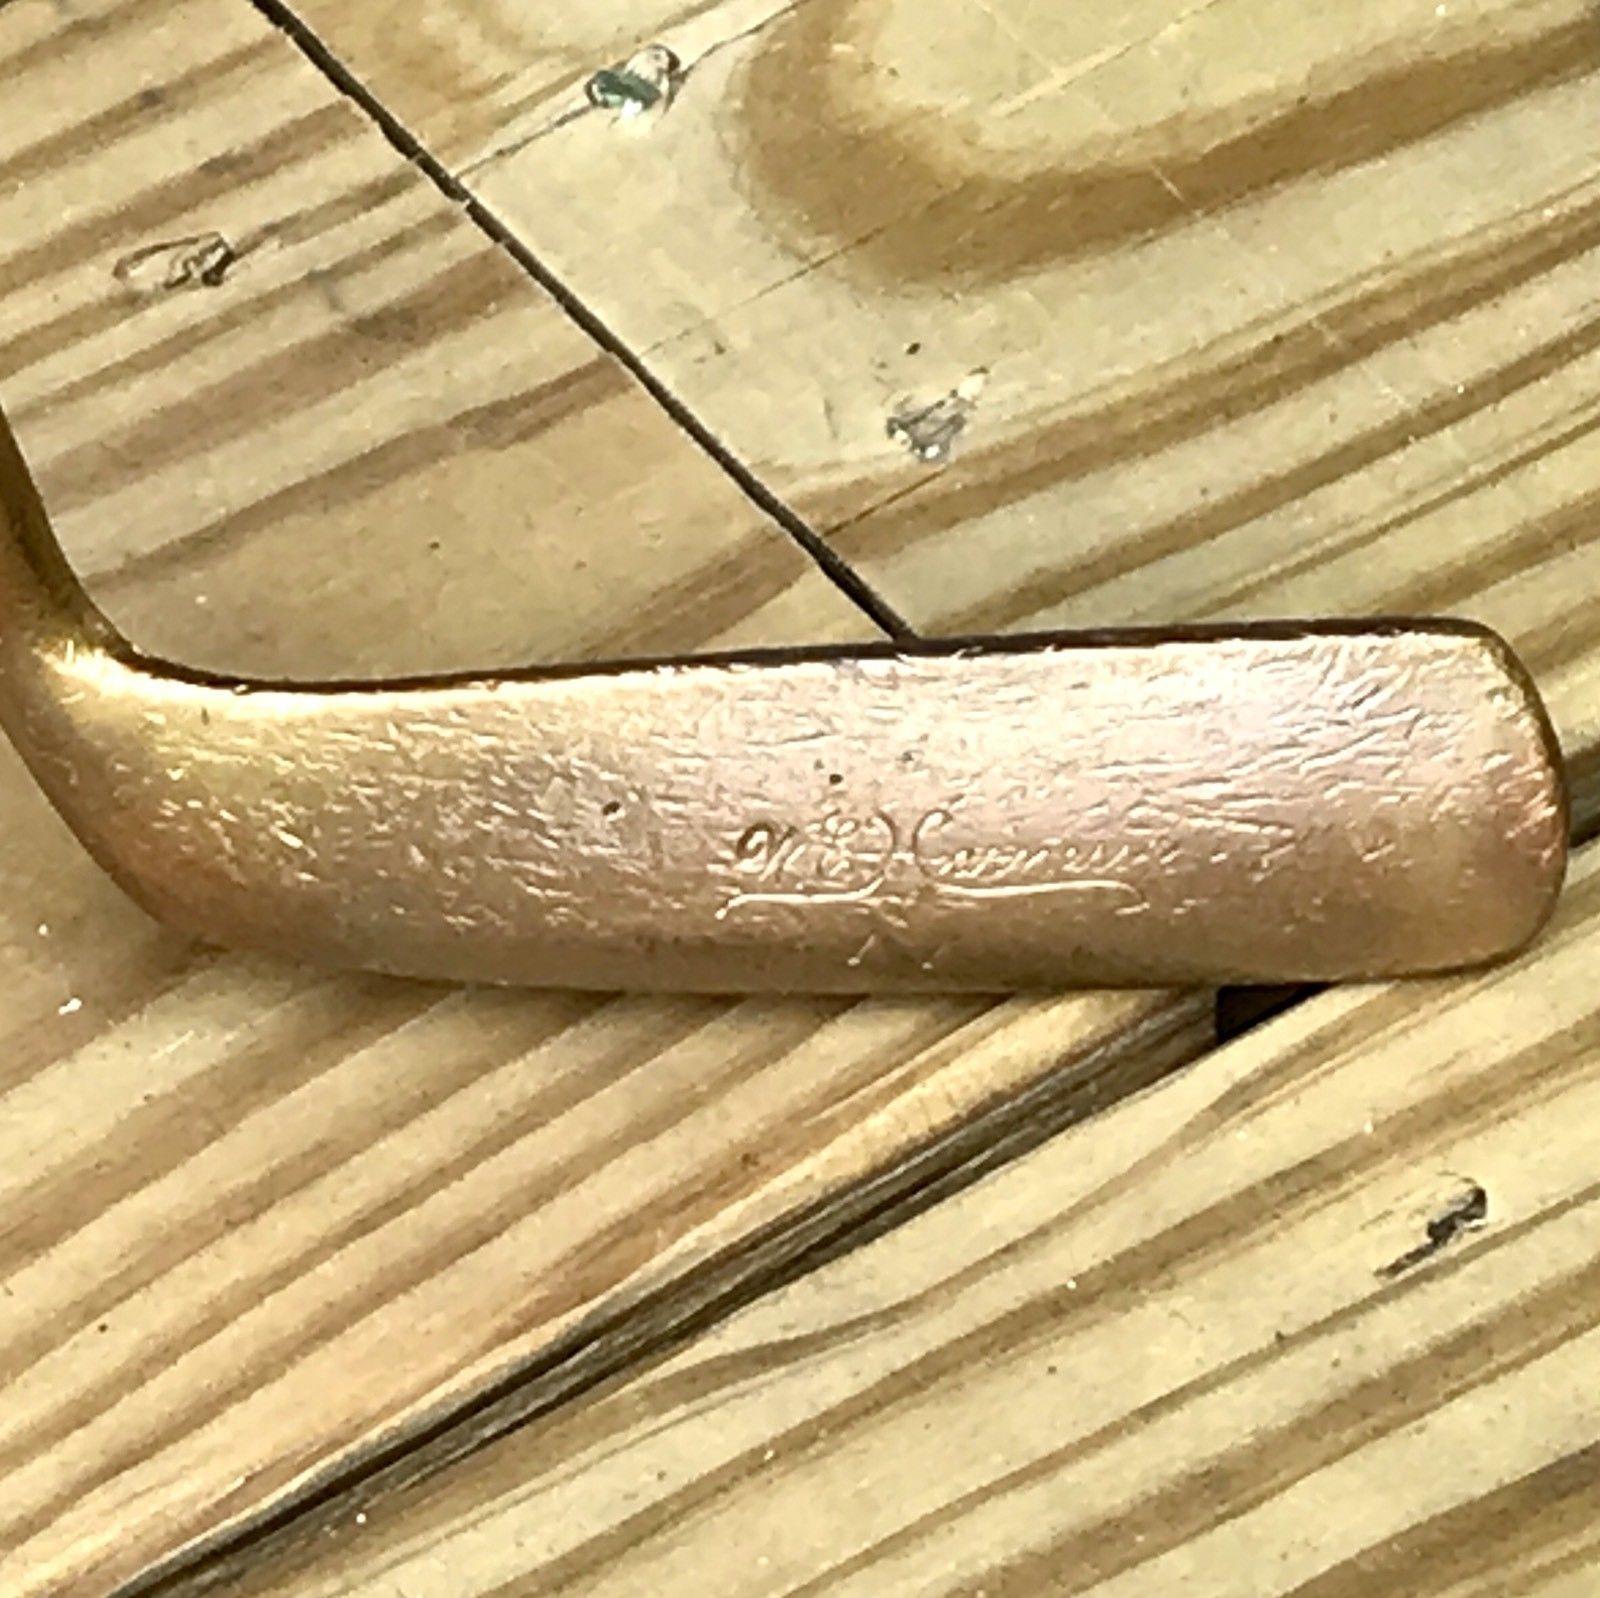 Vintage W E HARNESS Putter Original Wood Grip Solid Steel Shaft 1920's - 1930's